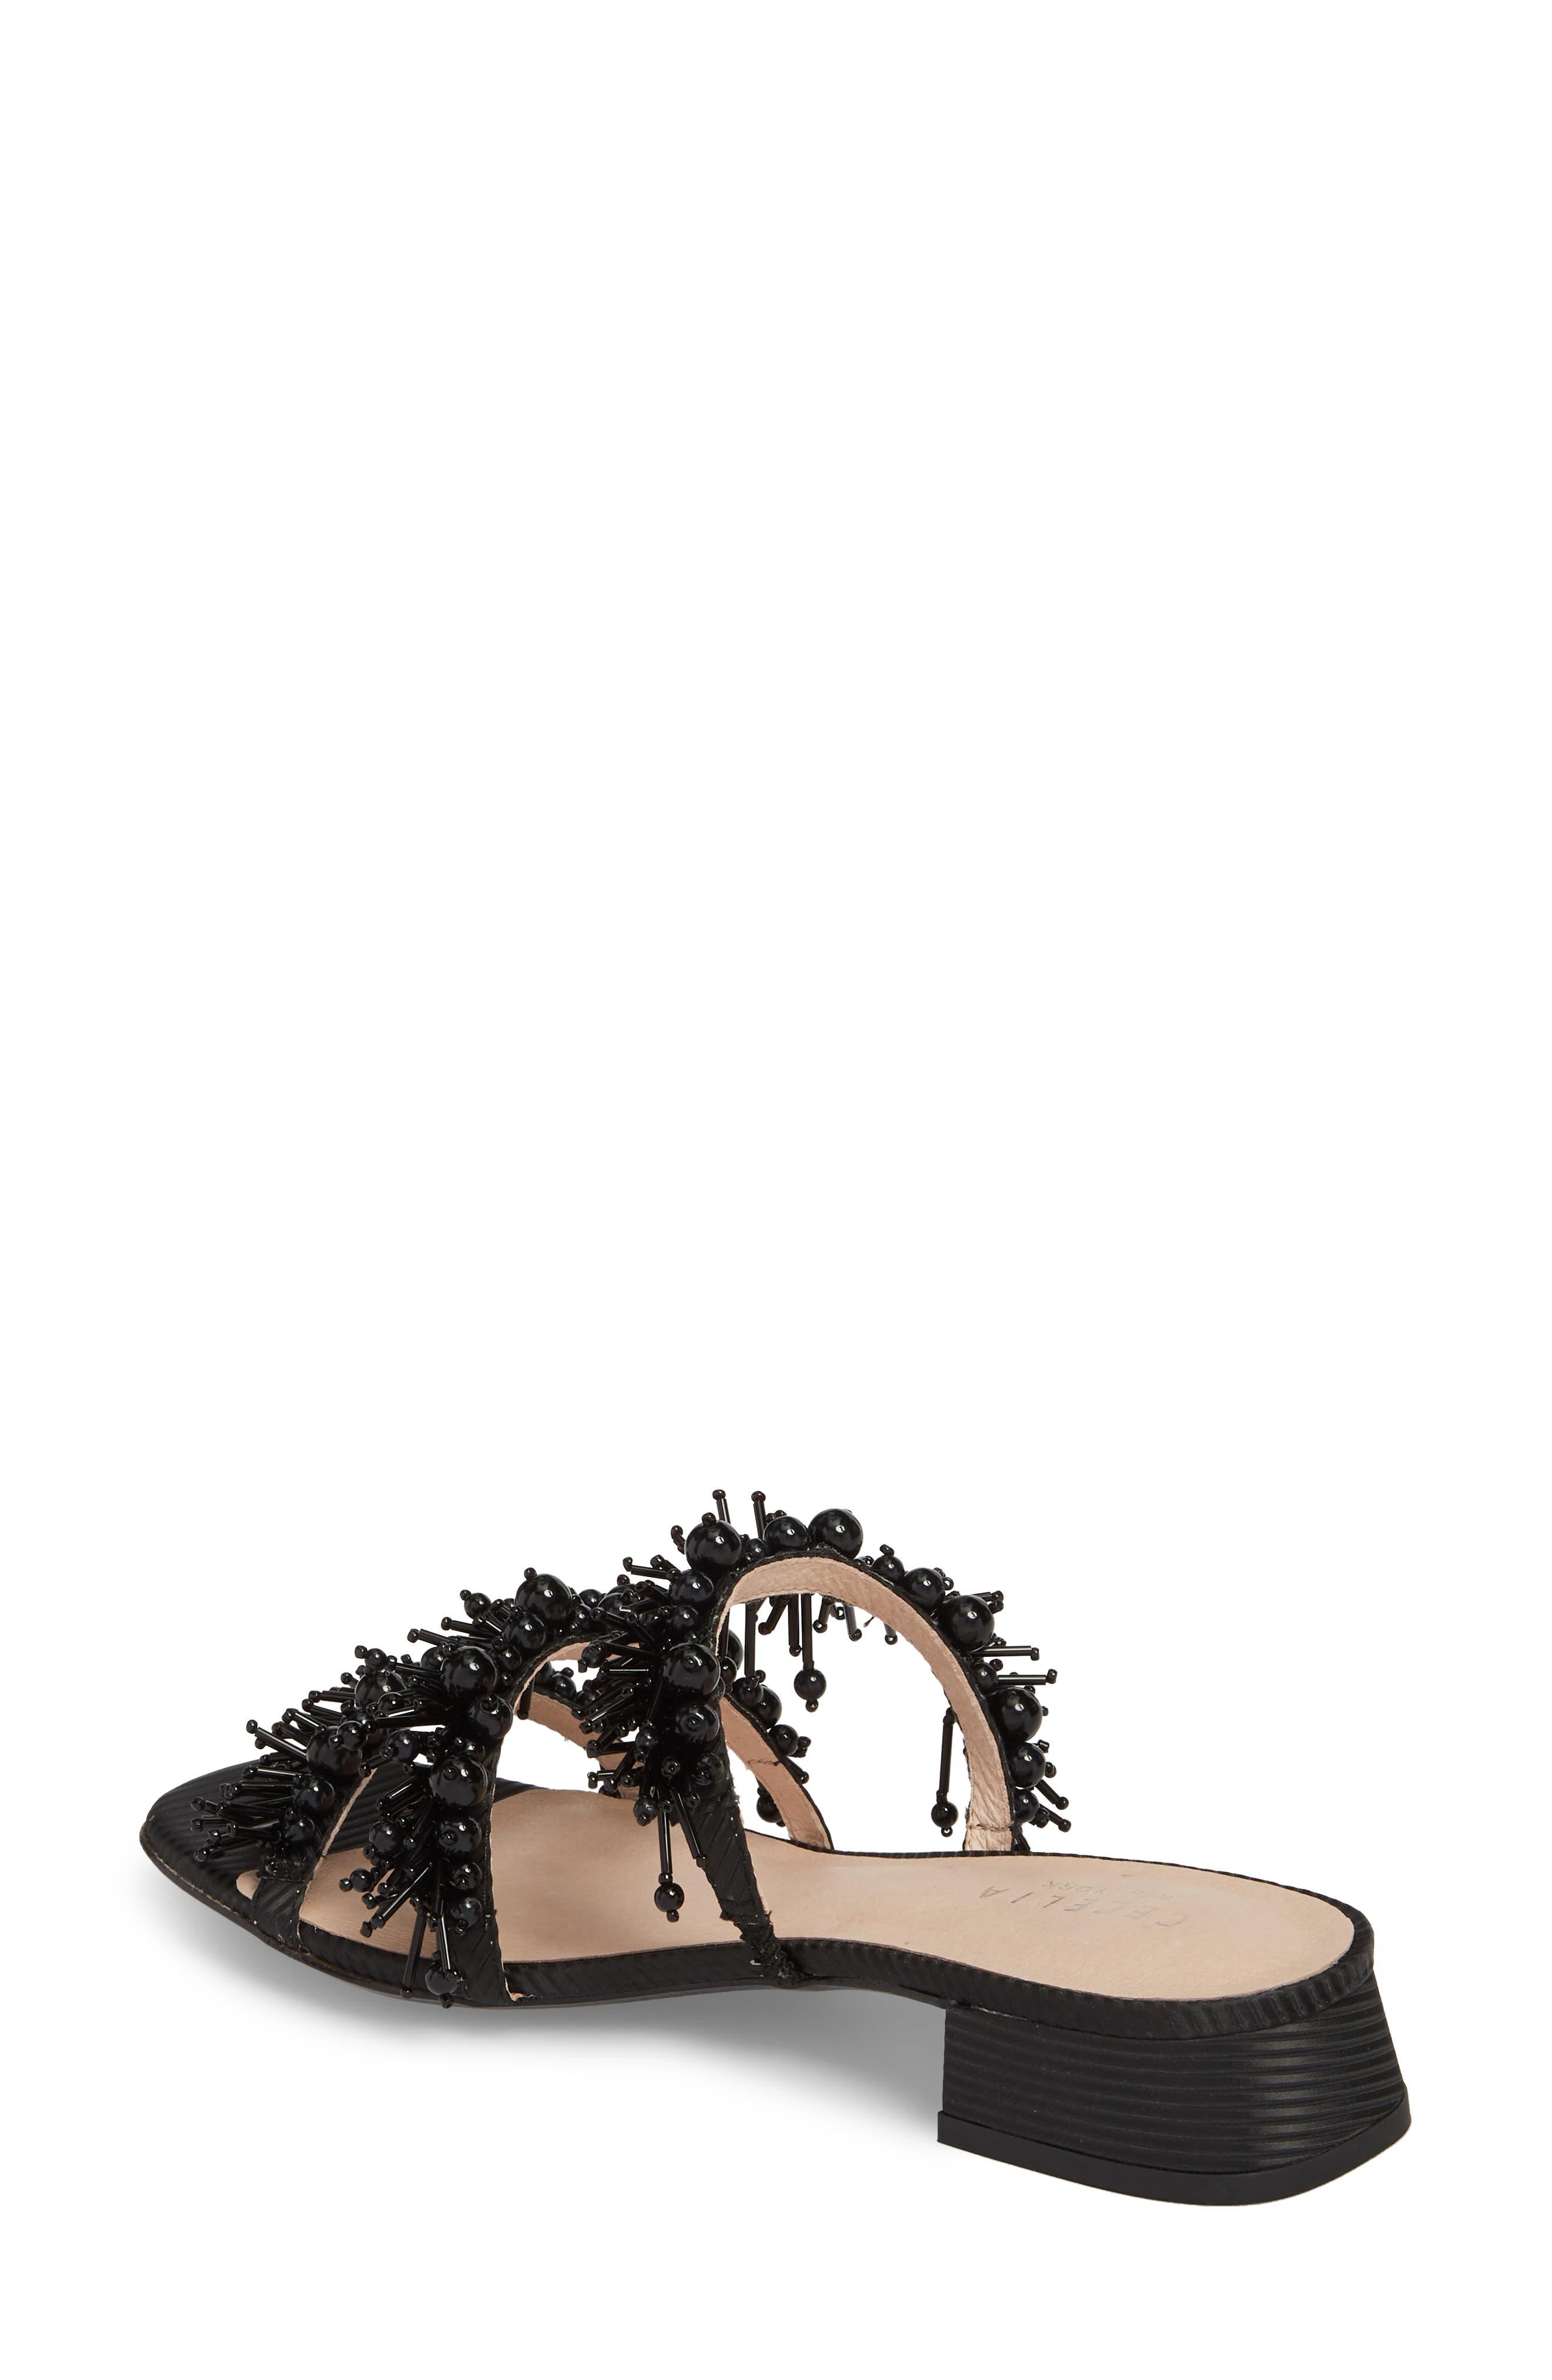 Fes Embellished Slide Sandal,                             Alternate thumbnail 2, color,                             BLACK FABRIC